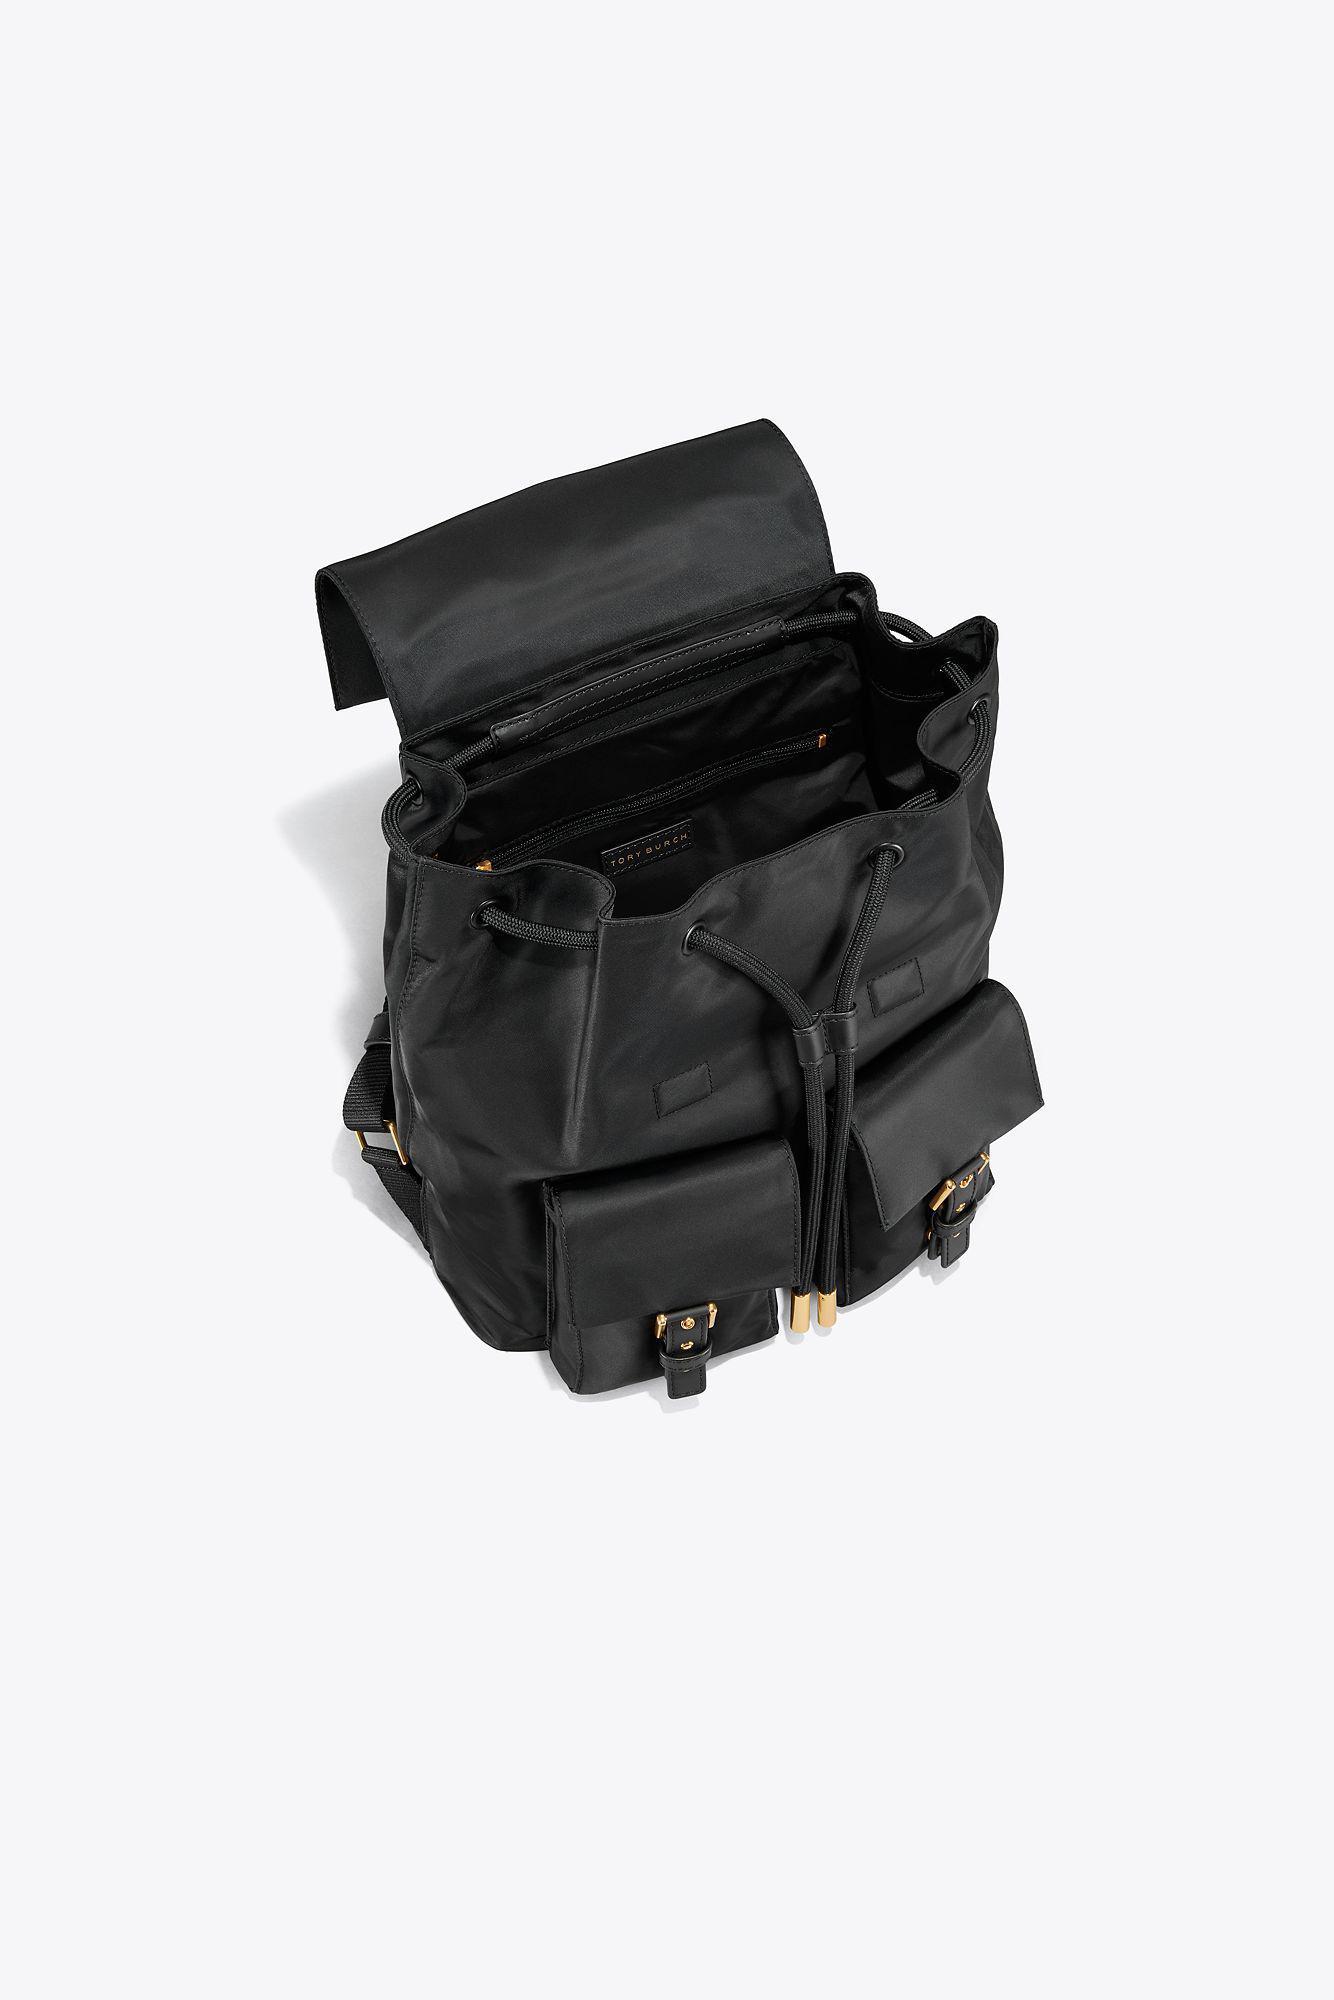 843adfea23fd Tilda Nylon Flap Backpack- Fenix Toulouse Handball